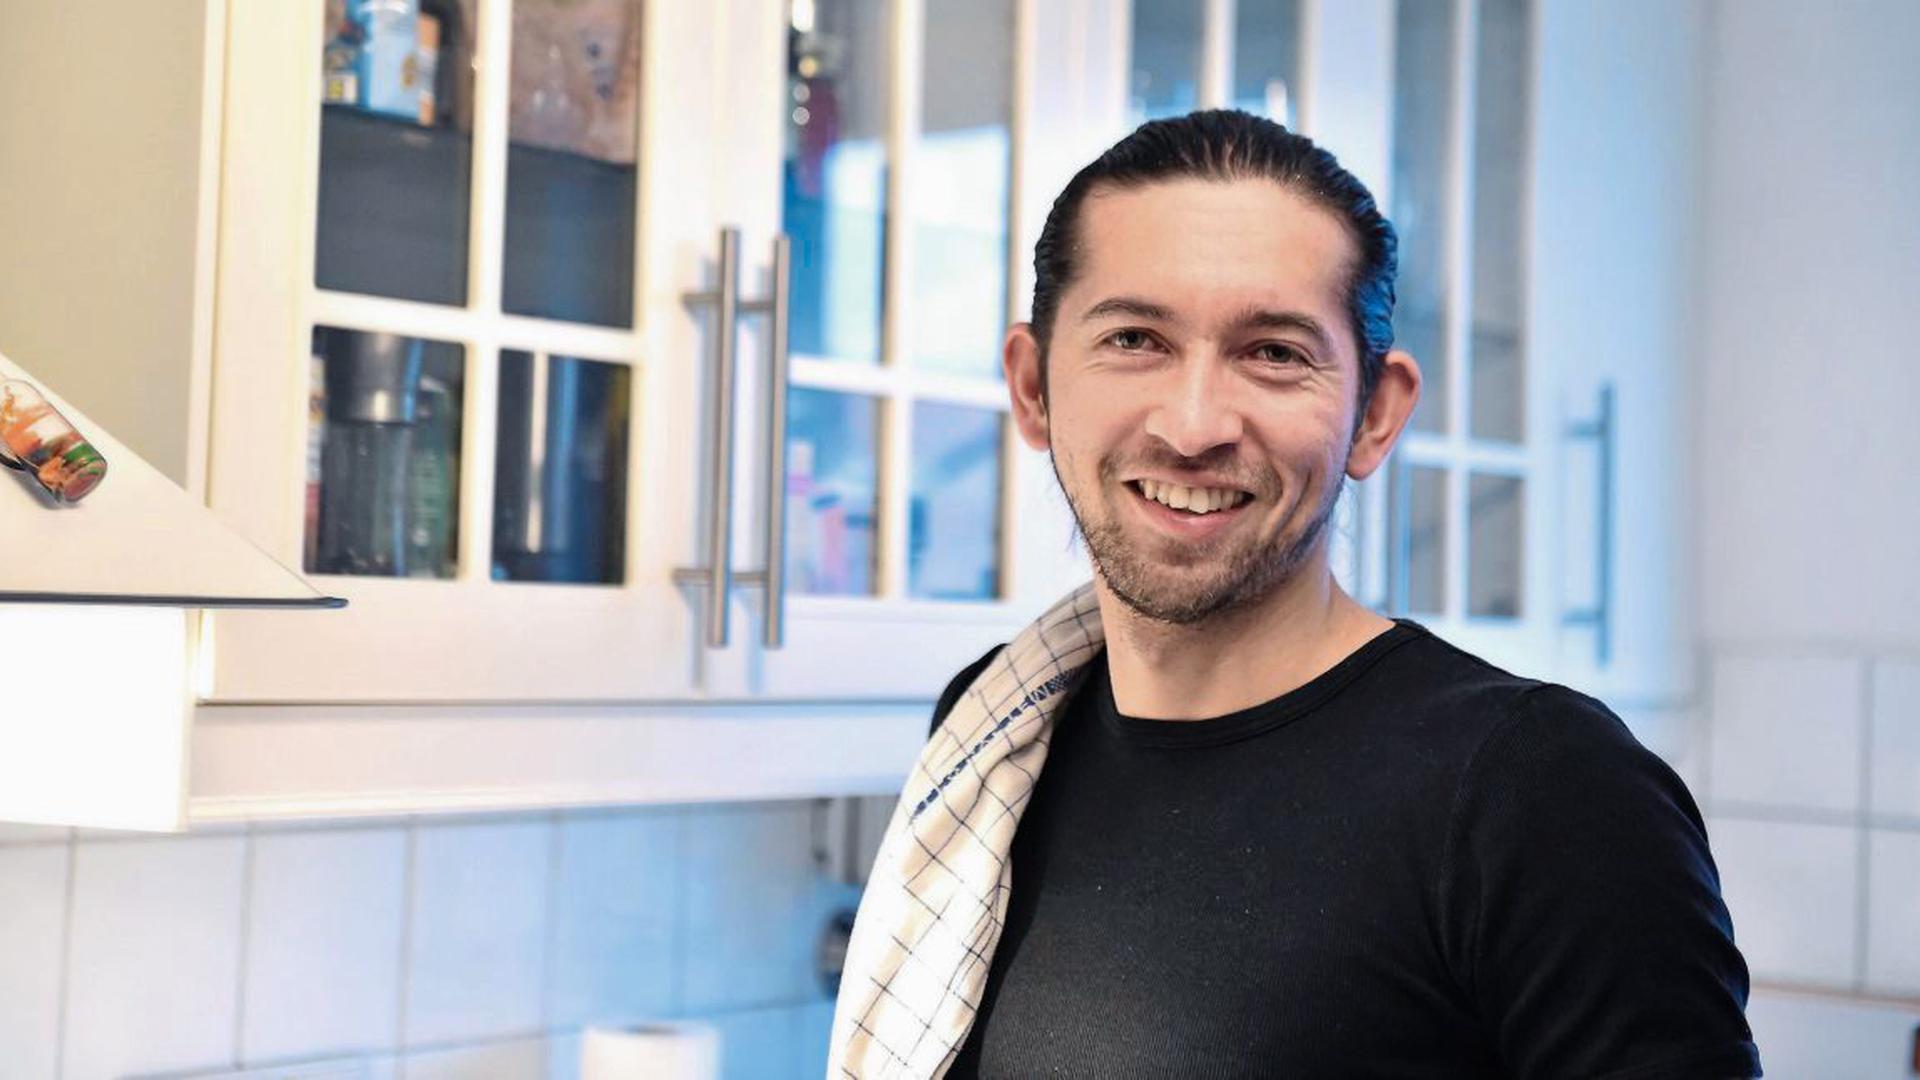 """Der Karlsruher Erzieher Reyad """"Rio"""" Dorghoty hat bis vor zwei Wochen nur drei Menschen davon erzählt, dass er bei der Koch-Show """"Das perfekte Dinner"""" mitmacht."""